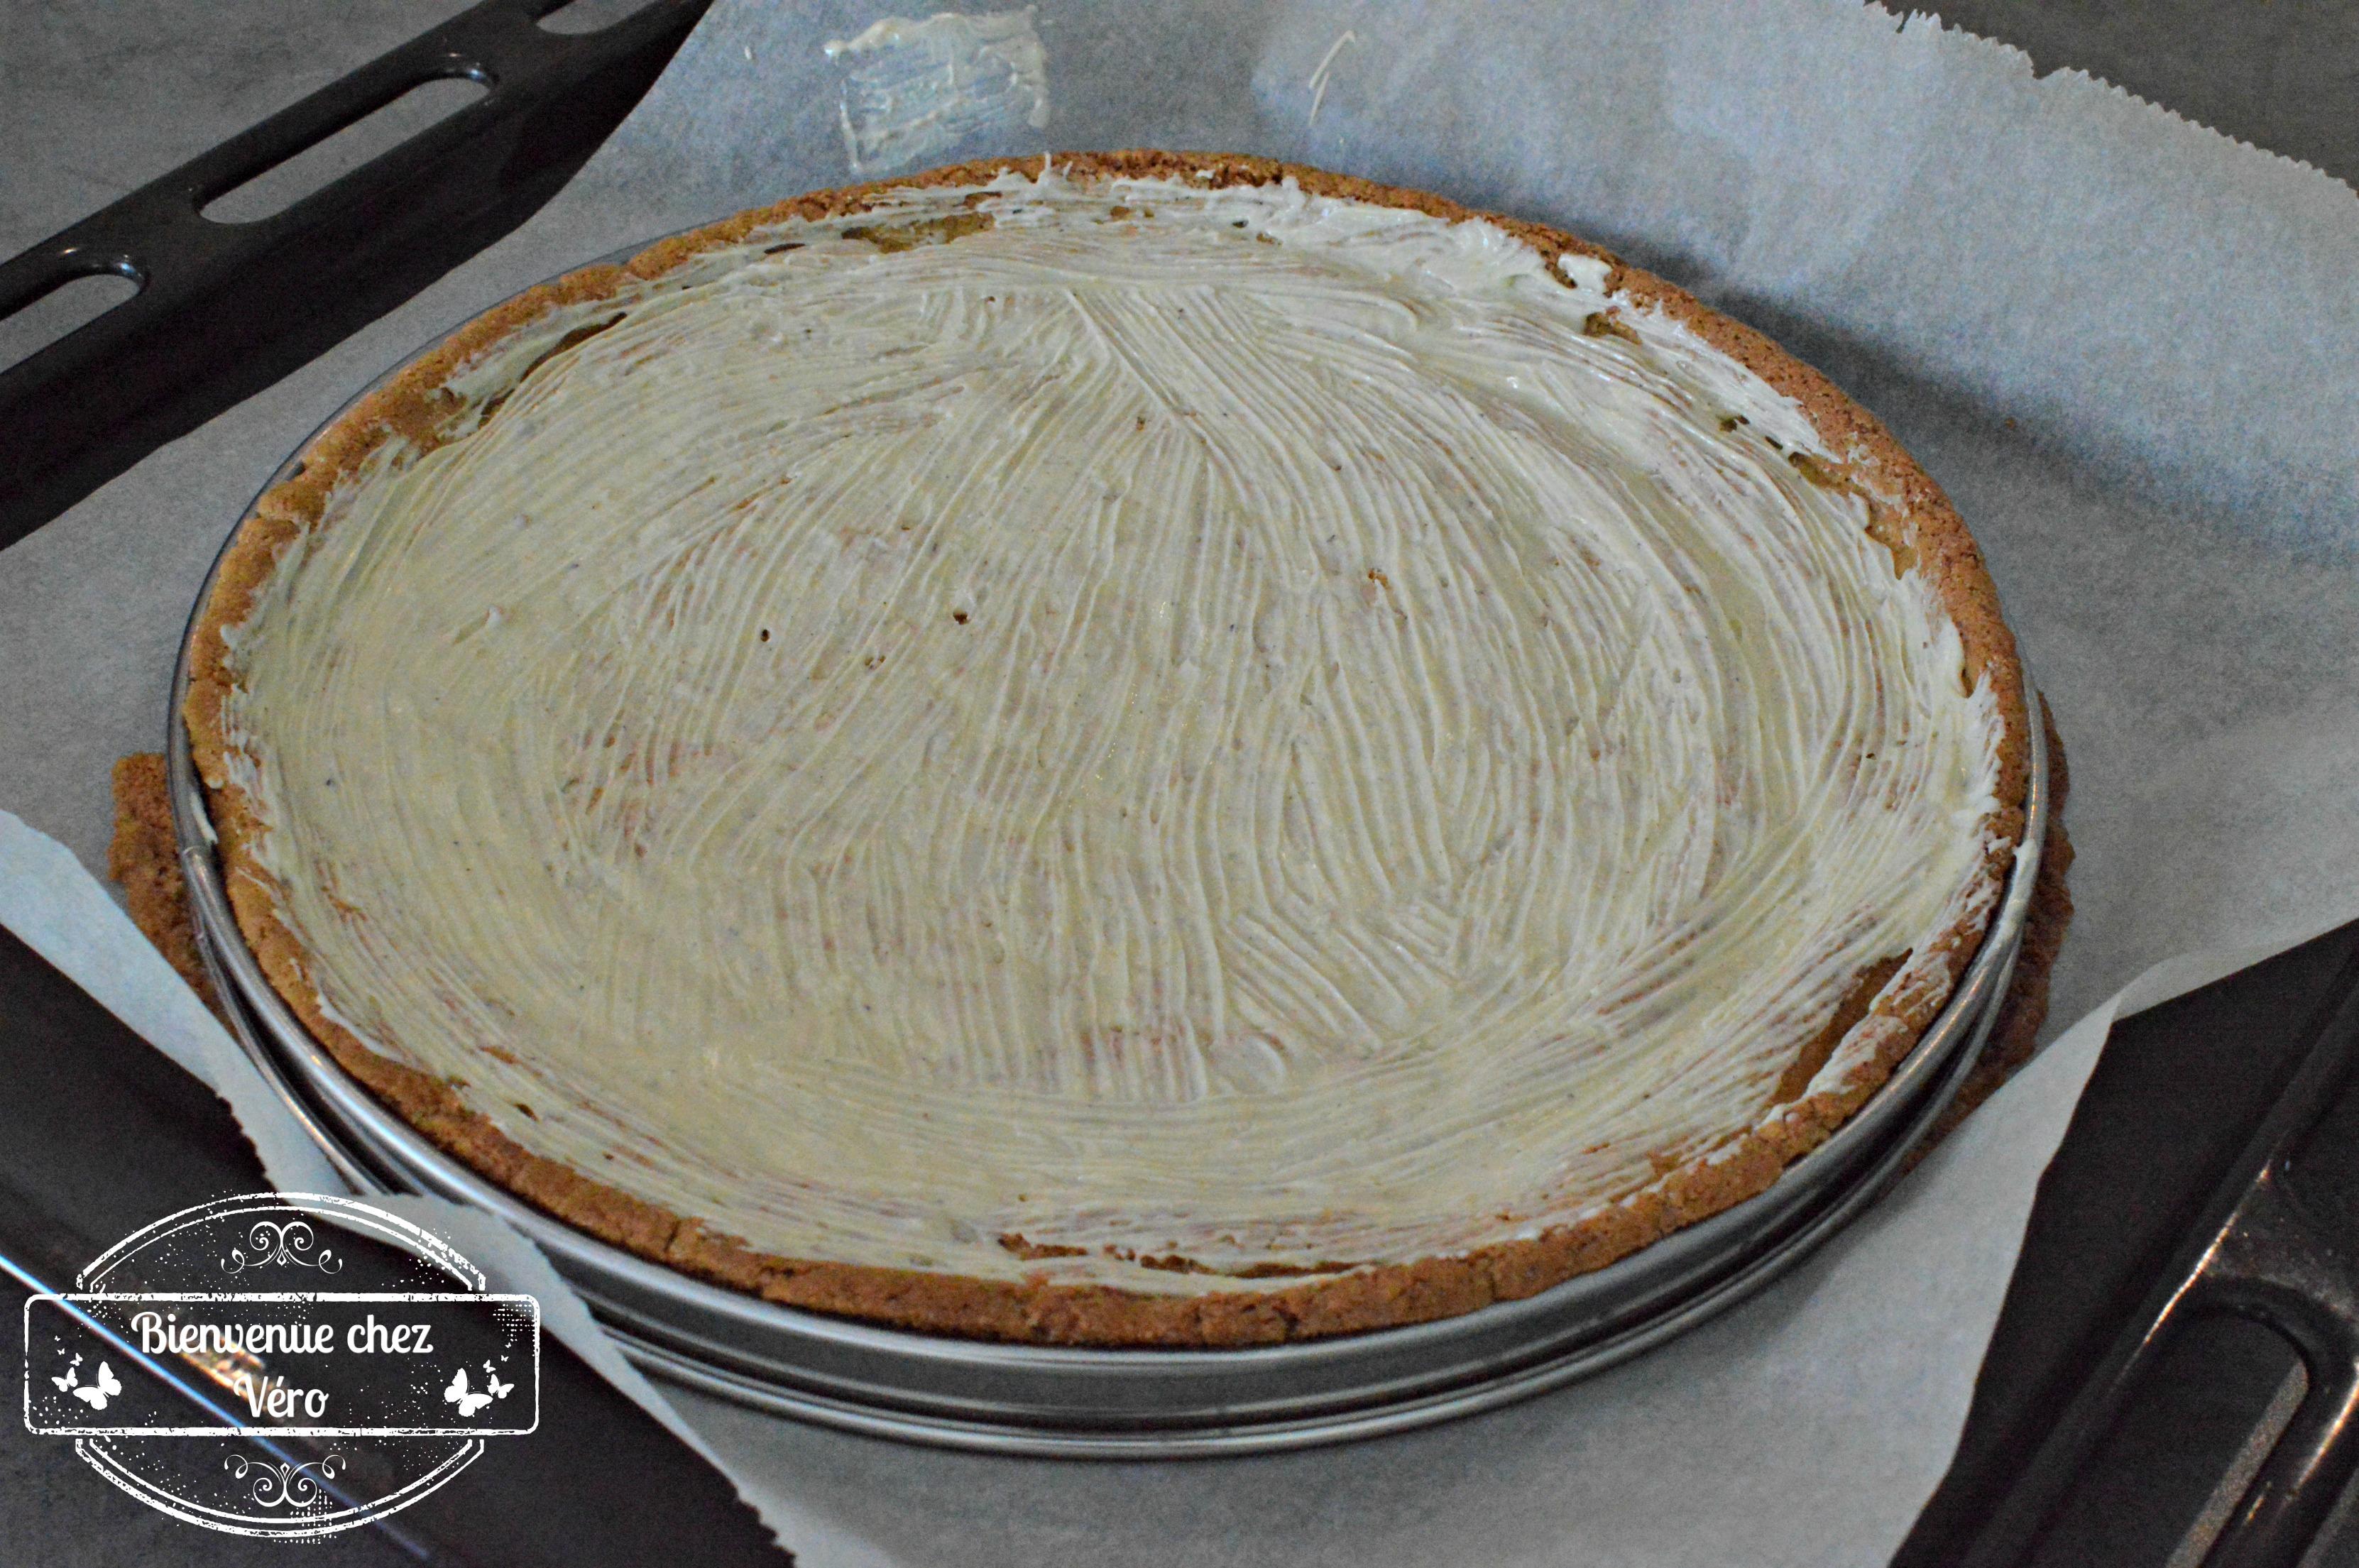 DSC_3722 tarte folle